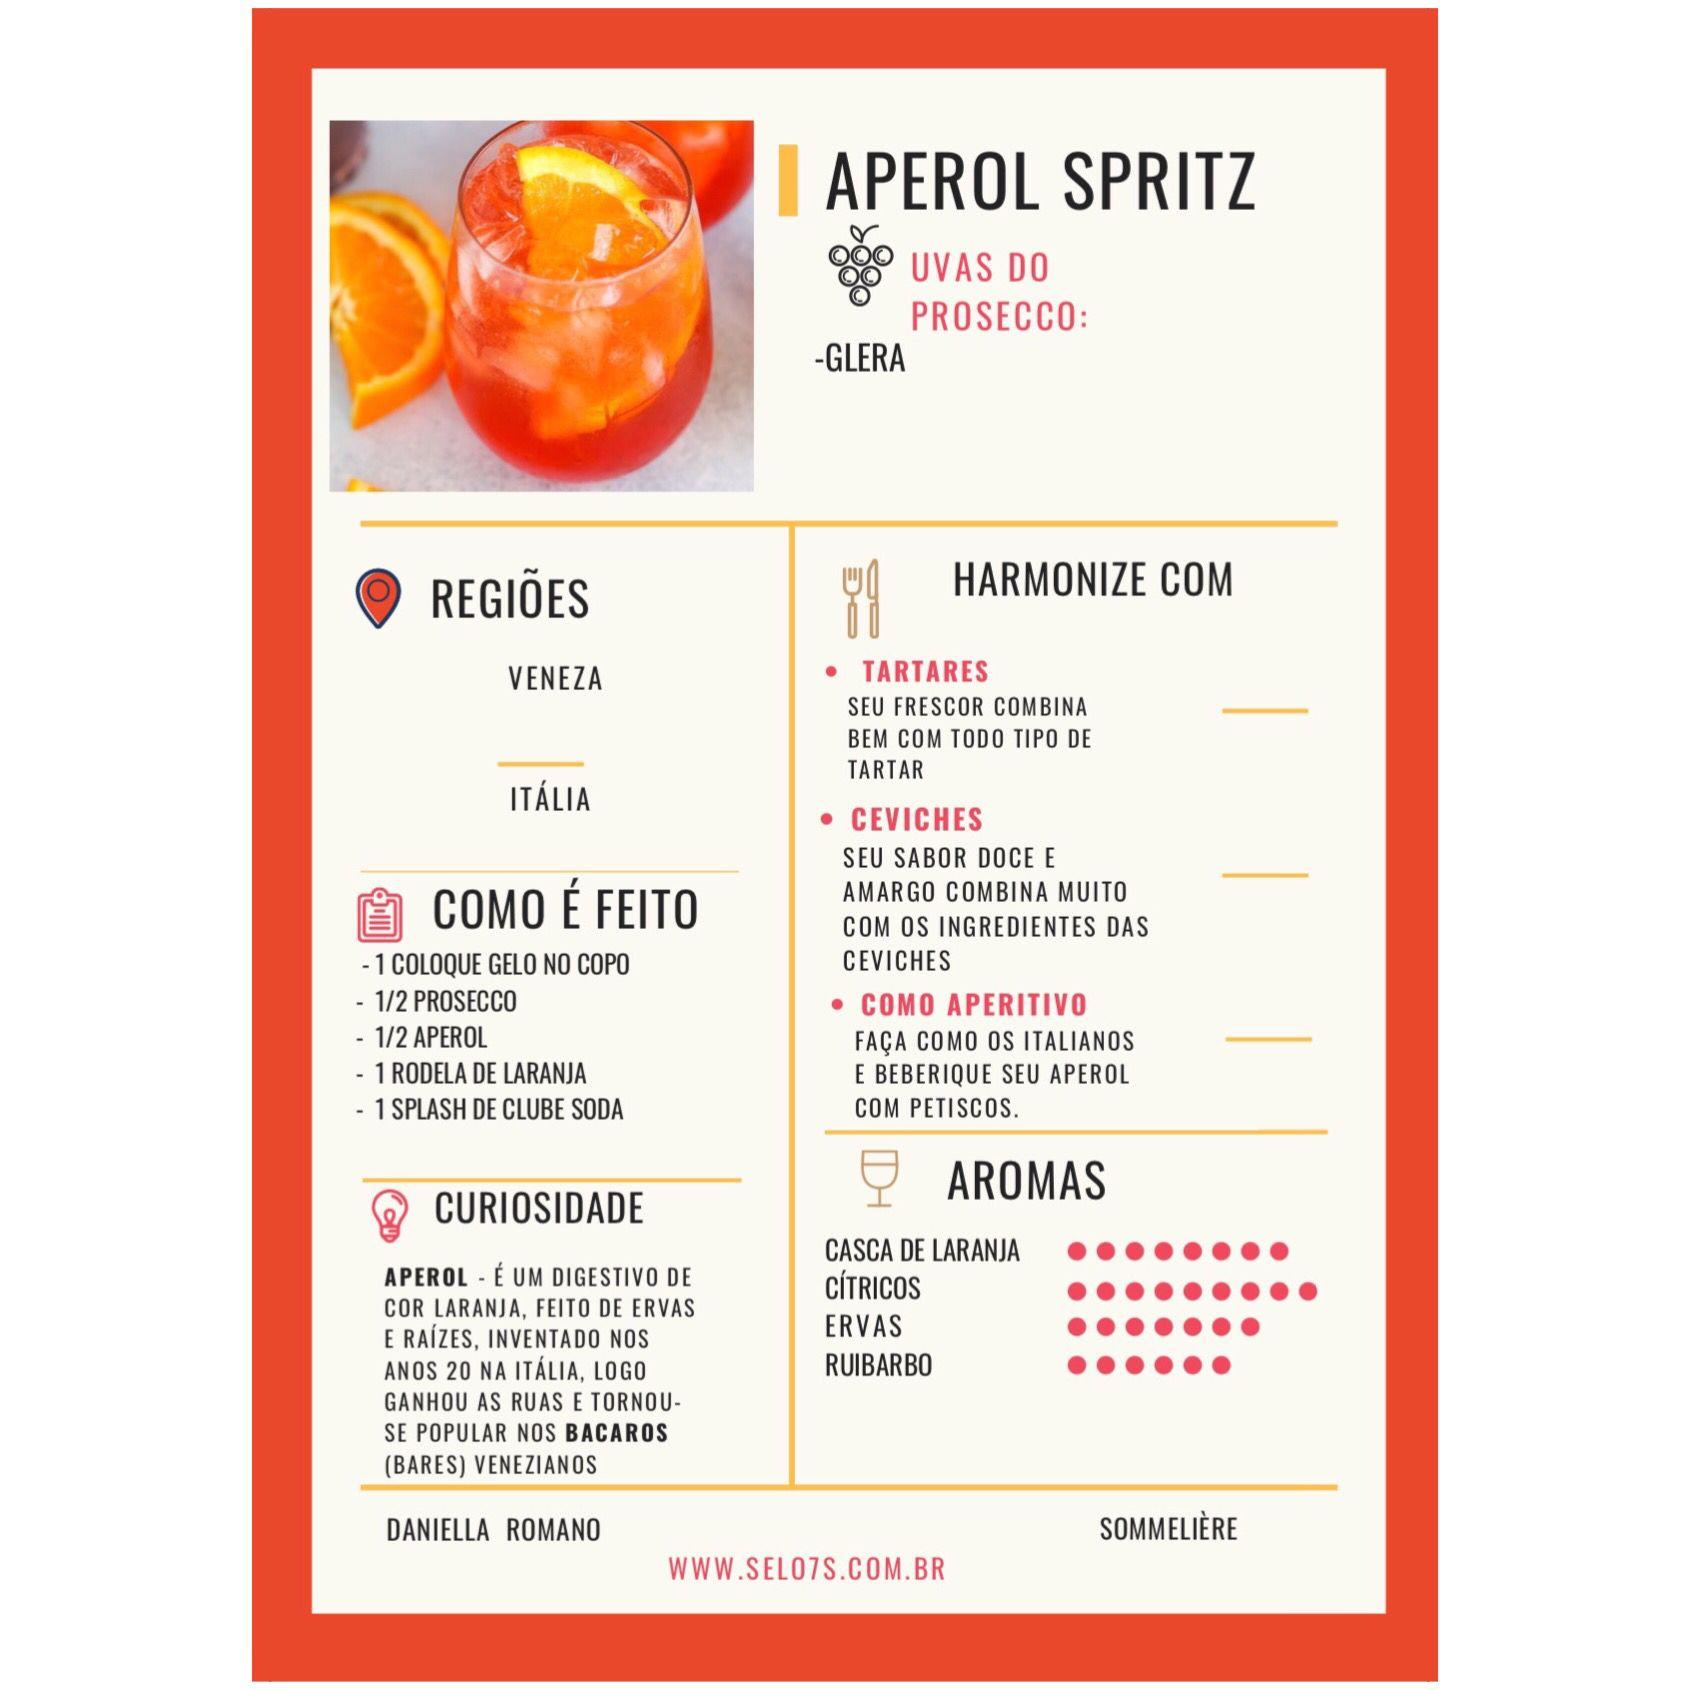 Aperol Drink Prosecco Com Imagens Aperol Spritz Sabores